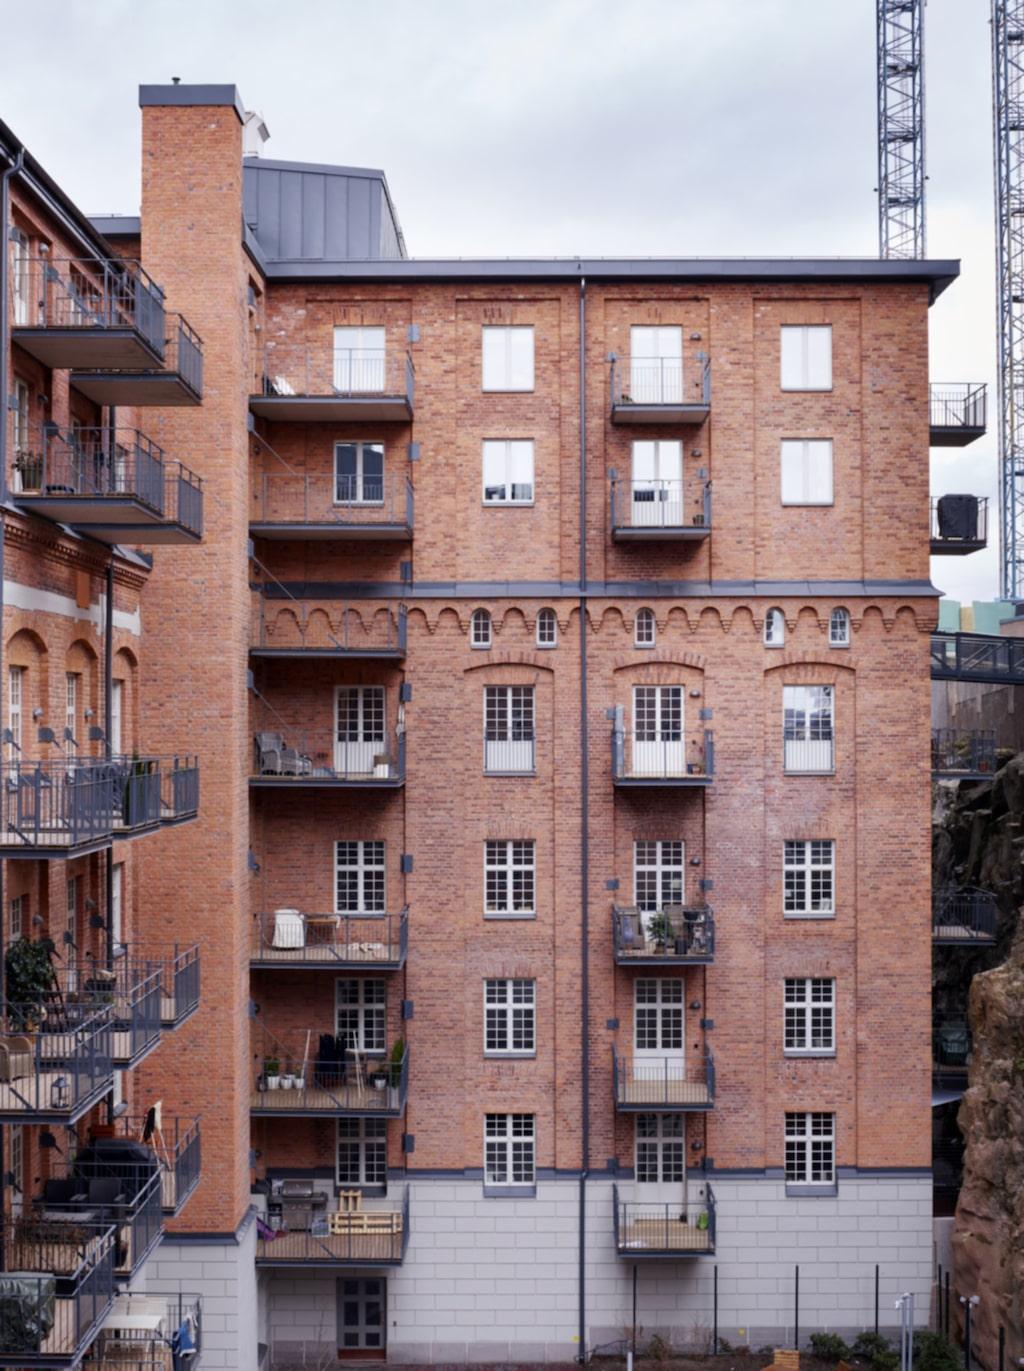 Gammalt hus. Familjen bor i den gamla industrifastigheten Qvarnen Tre Kronor som under hundra år försåg hela Sverige med skorpor, mjöl, makaroner, bullar och bröd.